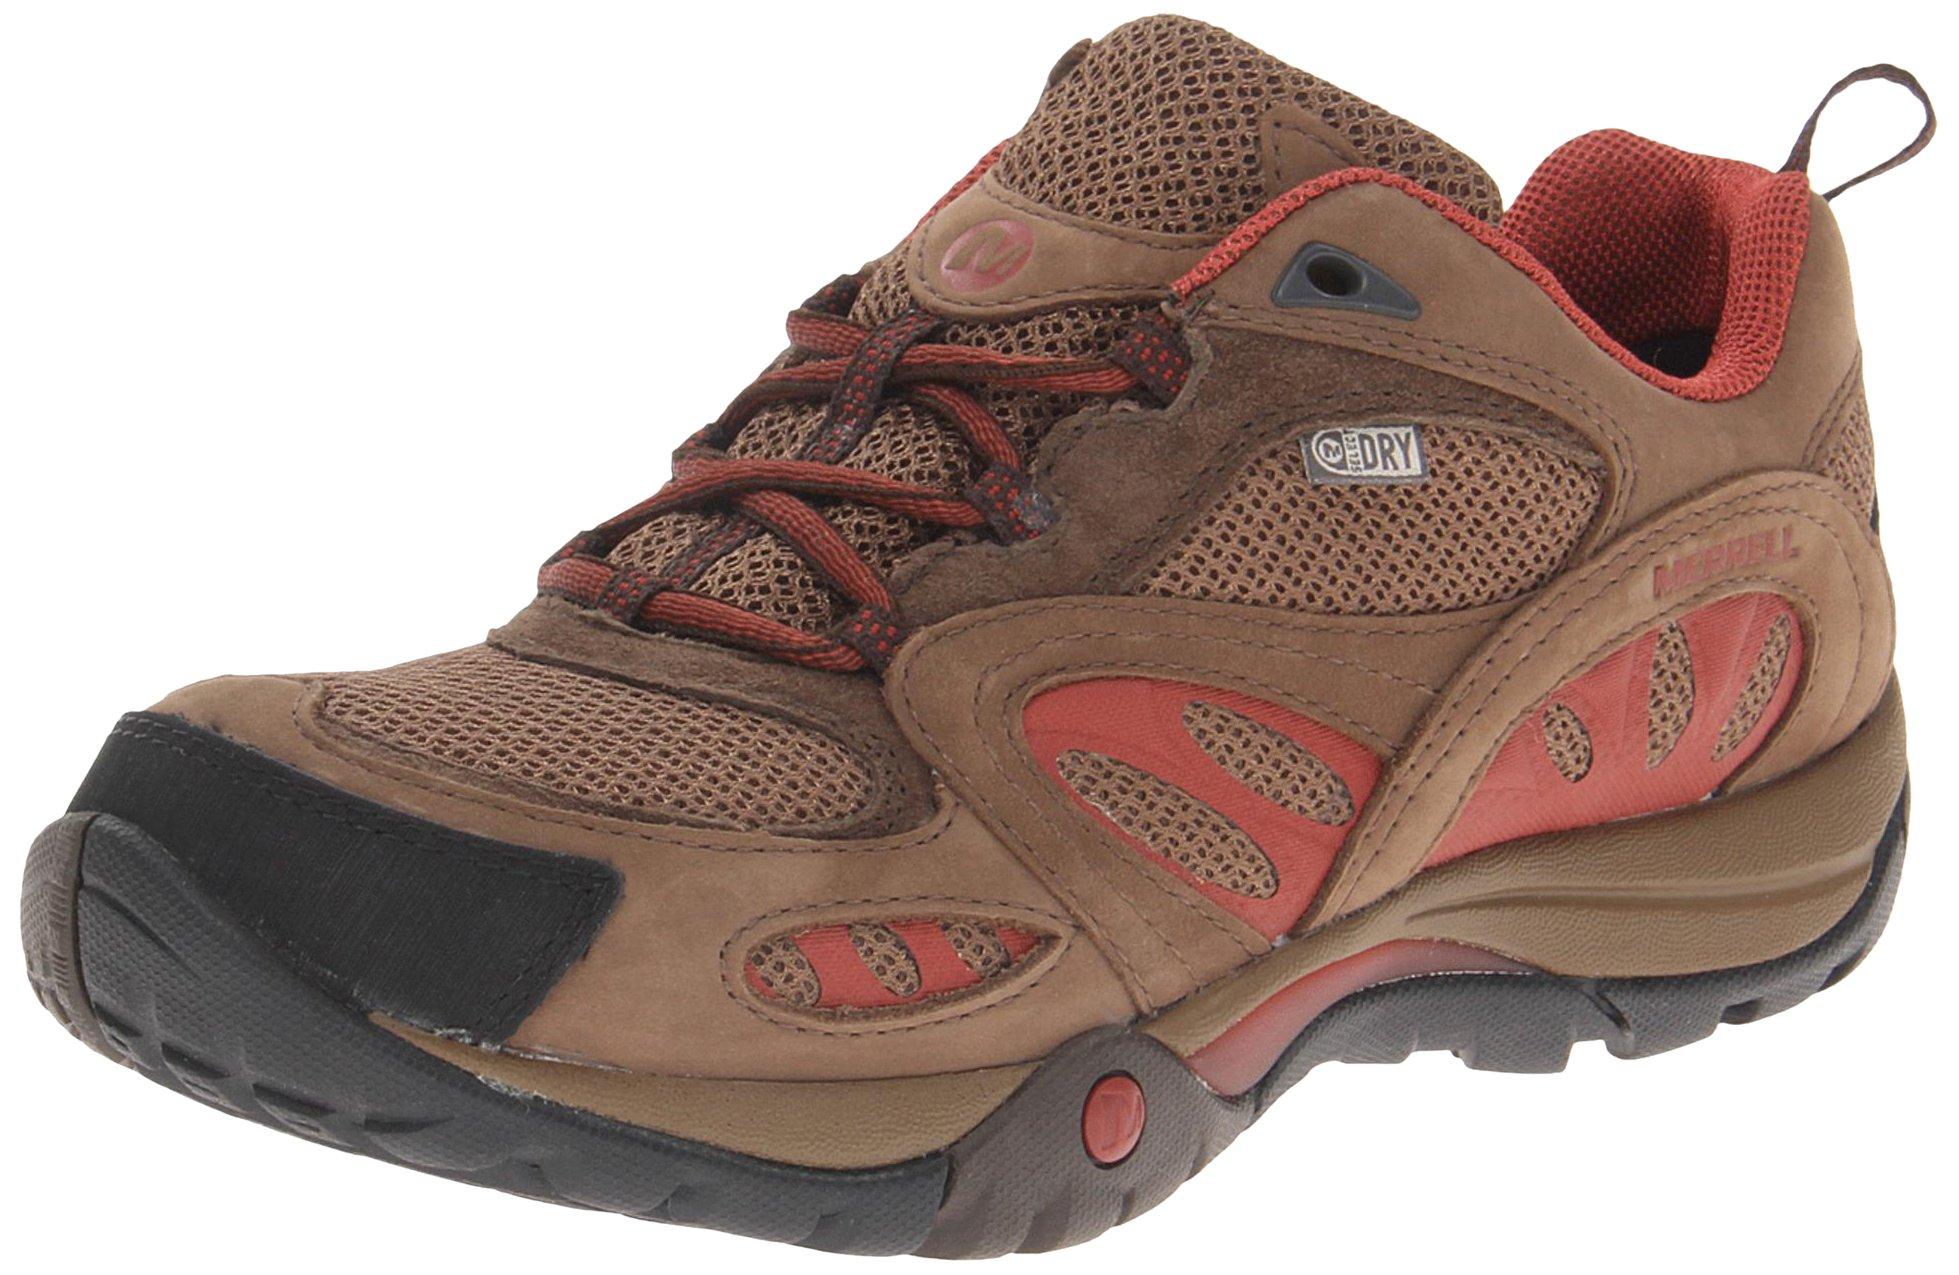 Merrell Women's Azura Waterproof Hiking Shoe,Dark Earth/Red,8 M US